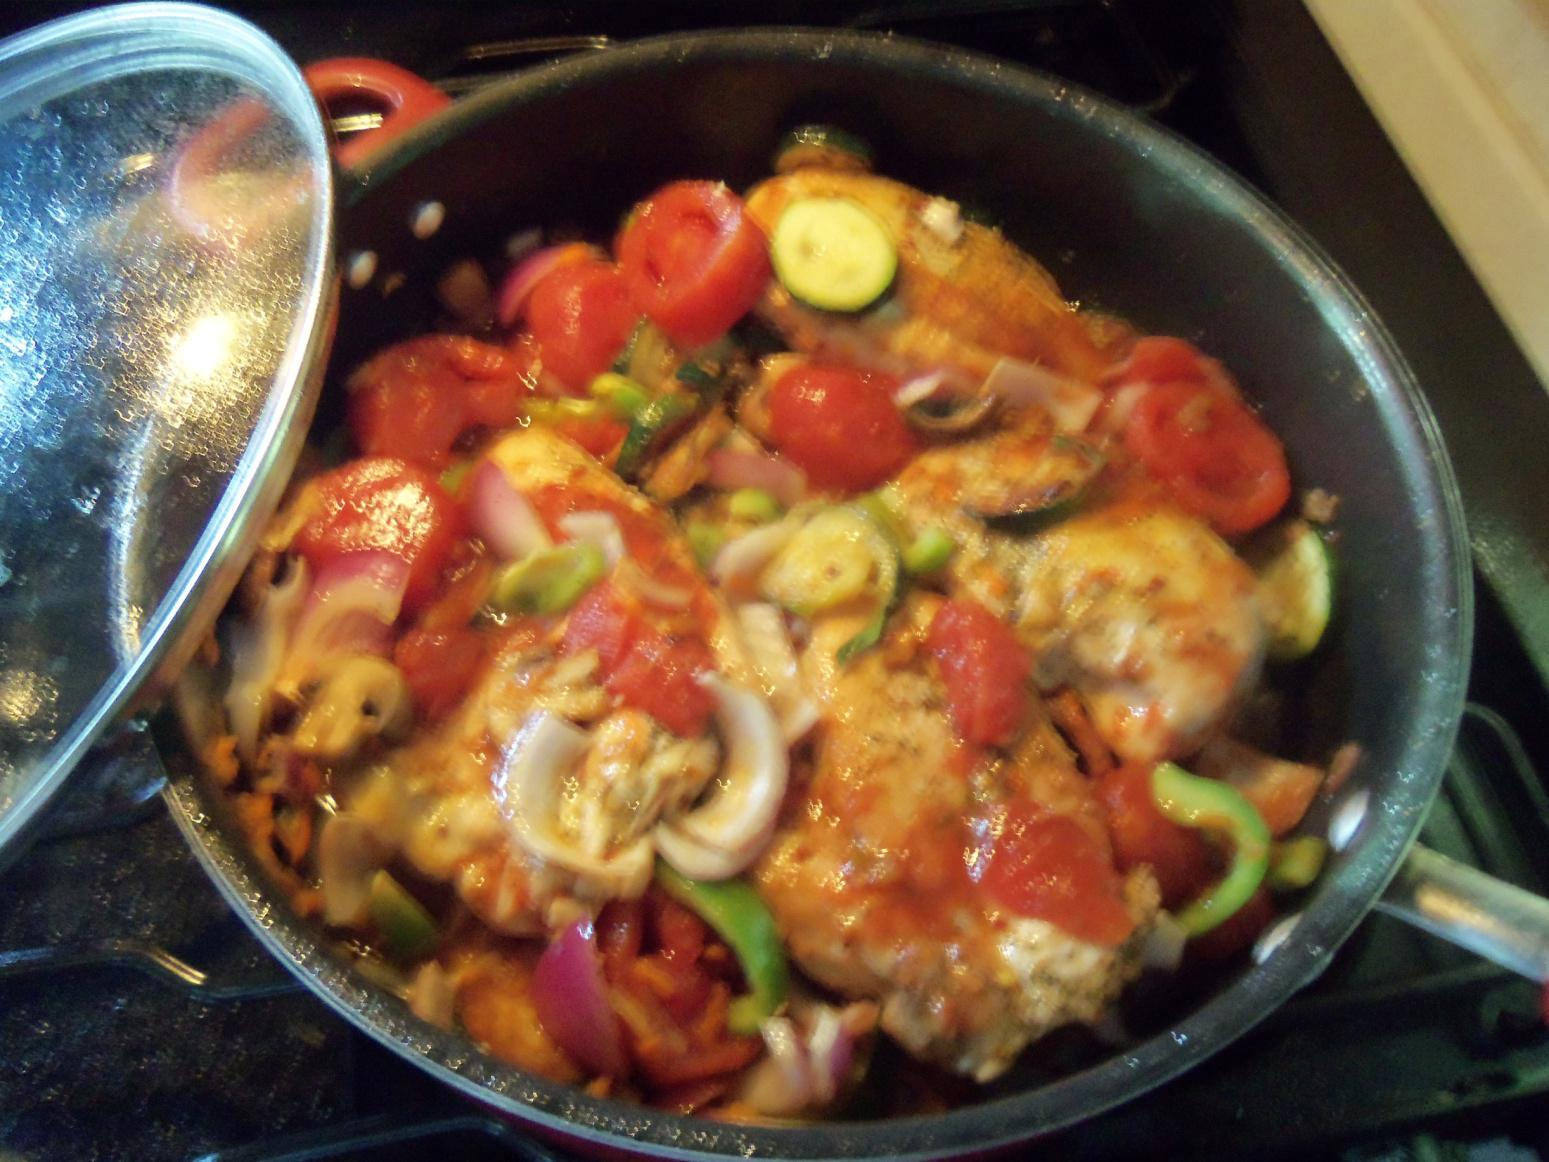 Augie's Chicken Italiano Recipe